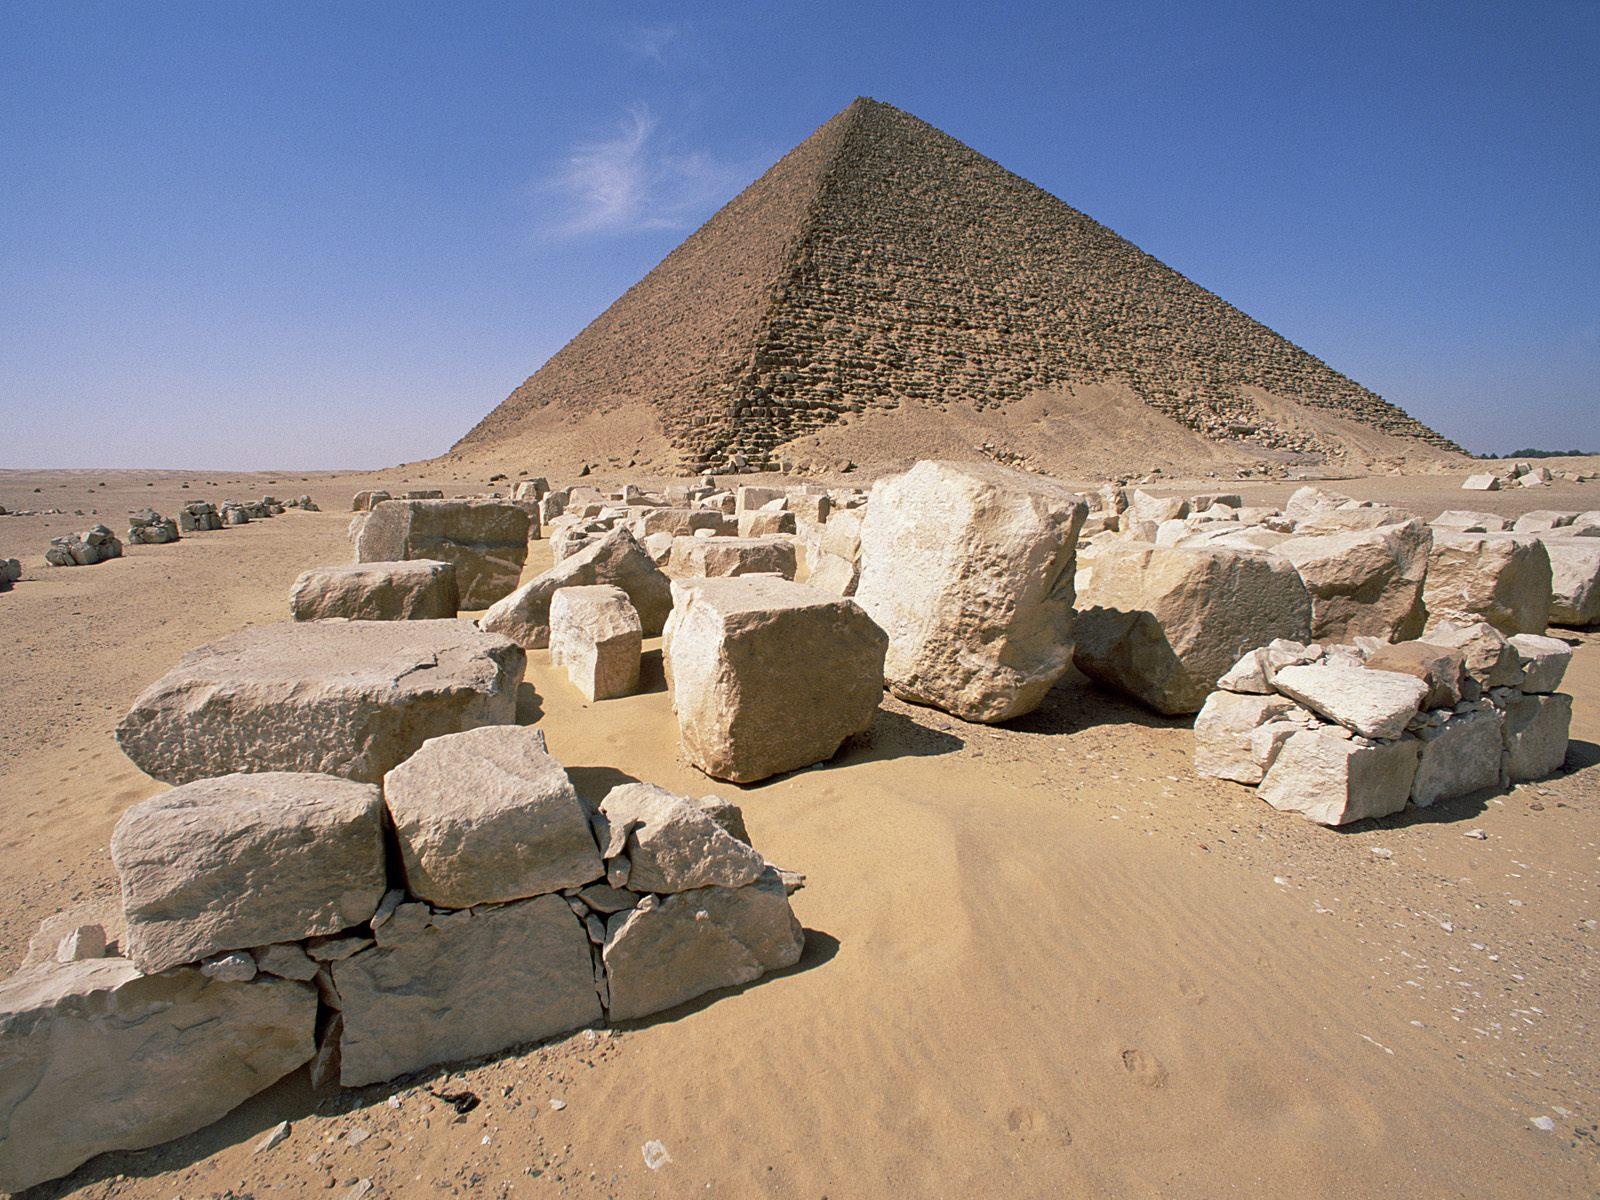 Египет отменит визовый сбор для российских туристов на неделю позже обещанного